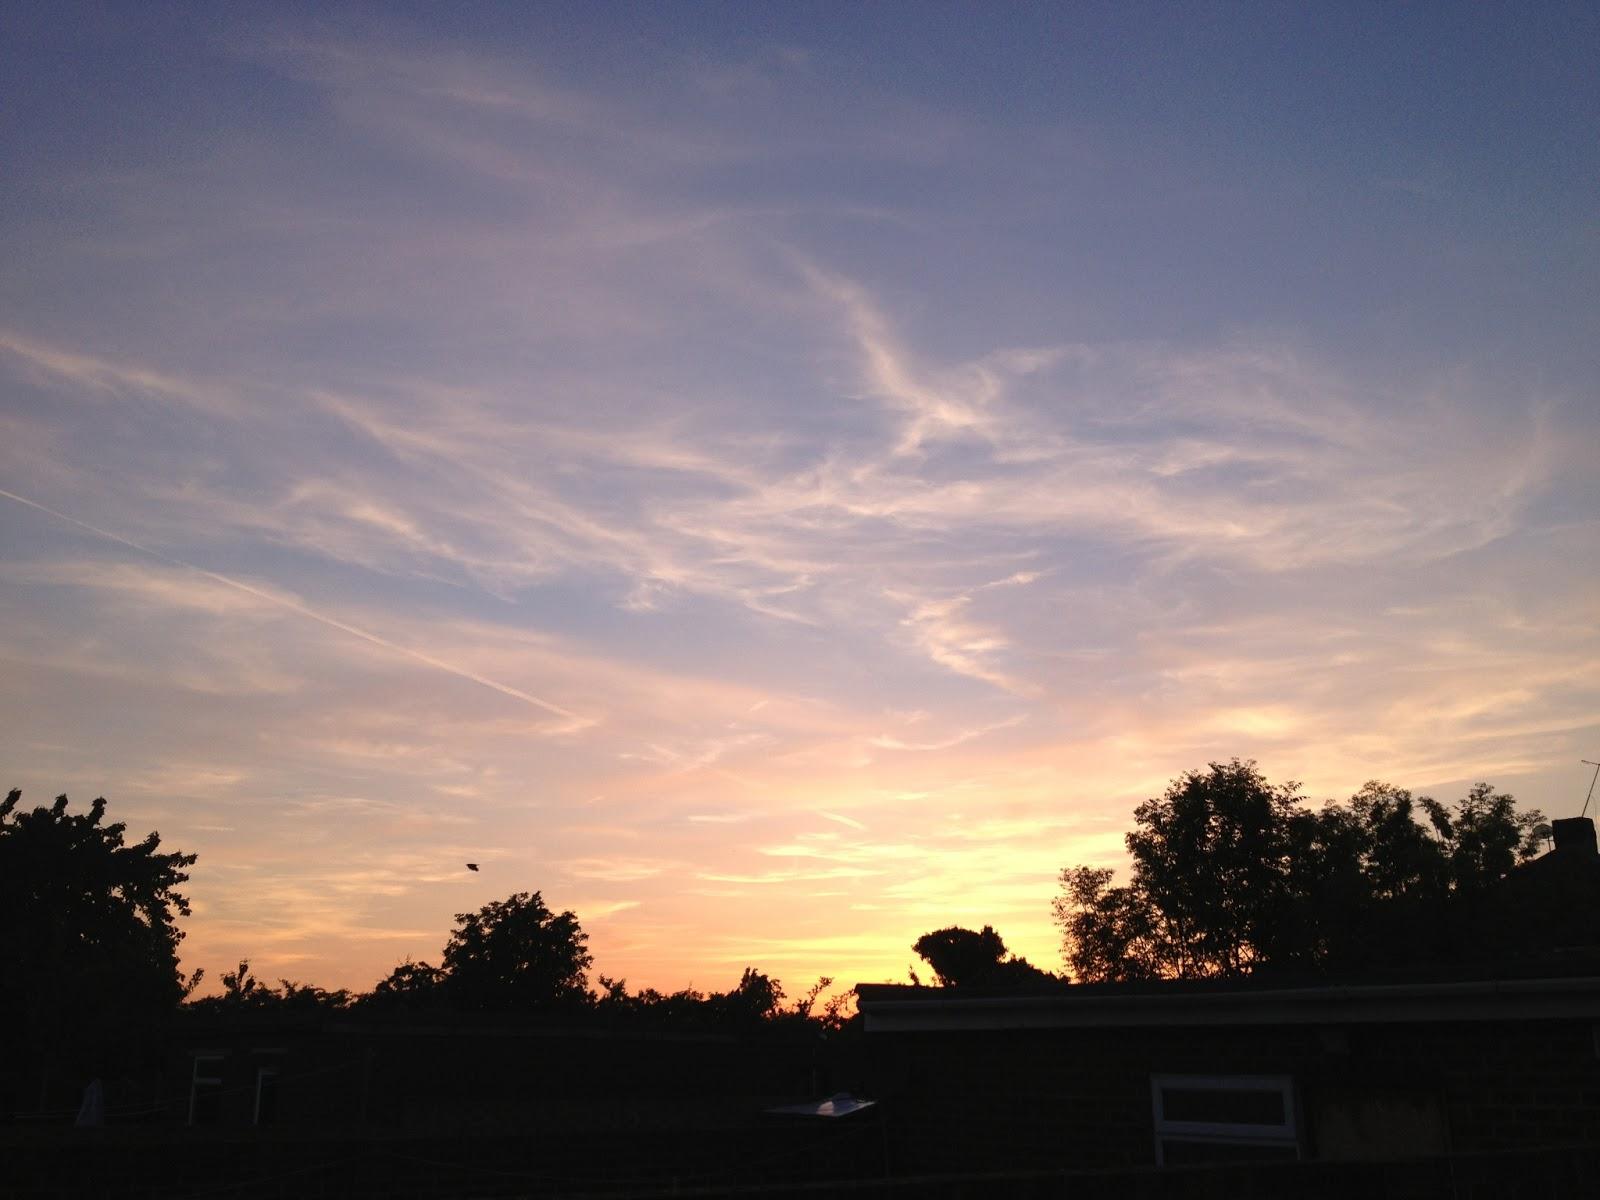 Admiring the Sun and Sky - mlaiu.blogspot.co.uk